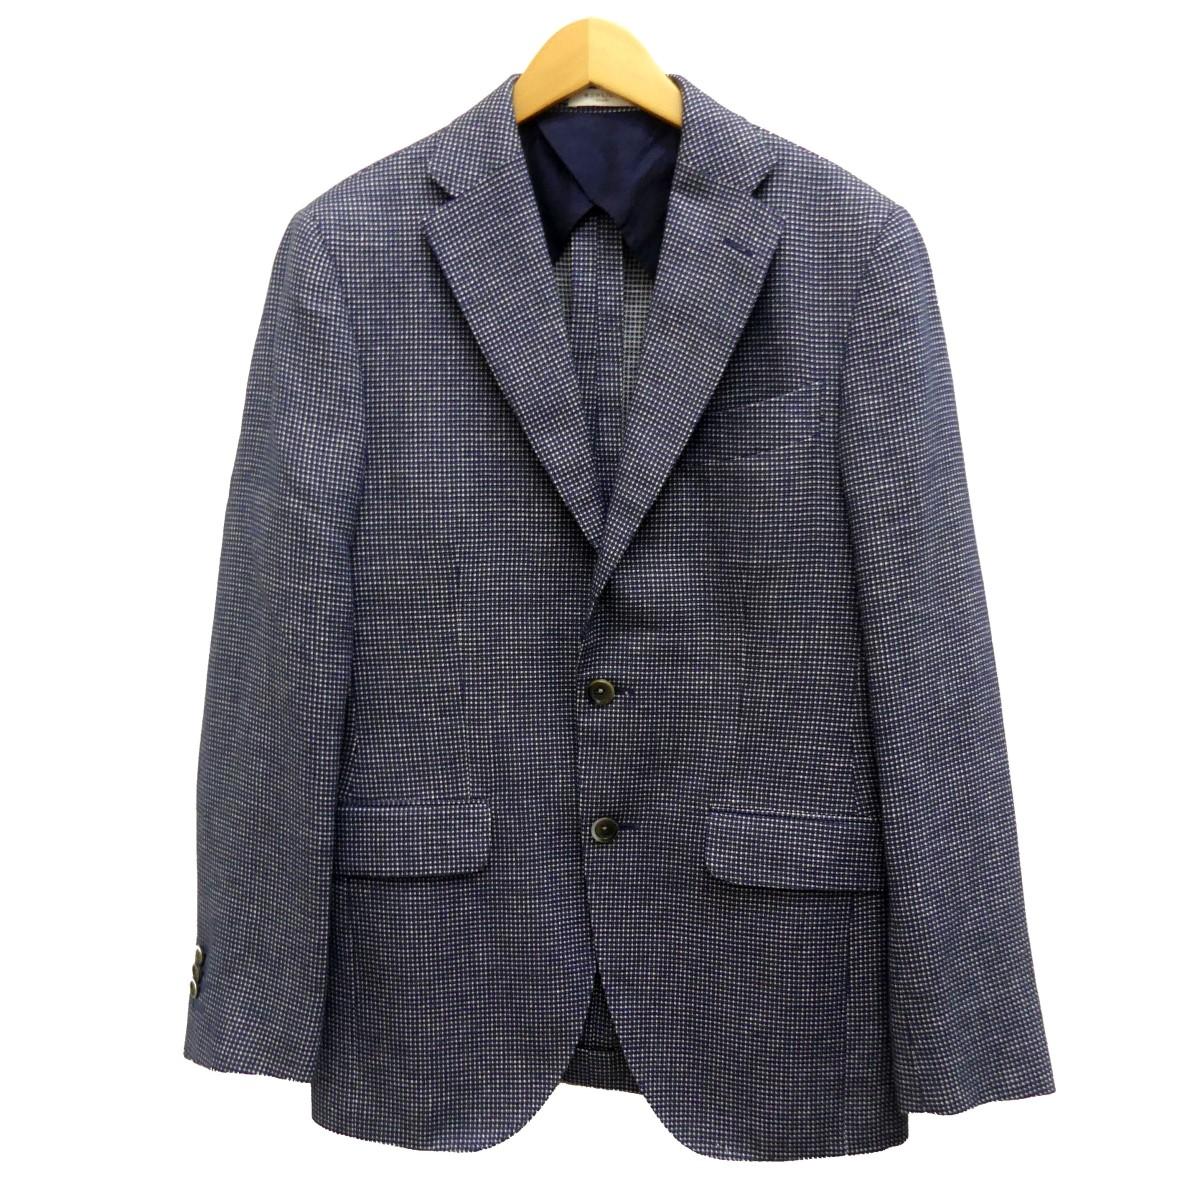 【中古】BOGLIOLI 総柄テーラードジャケット ネイビー サイズ:46 【250420】(ボリオリ)